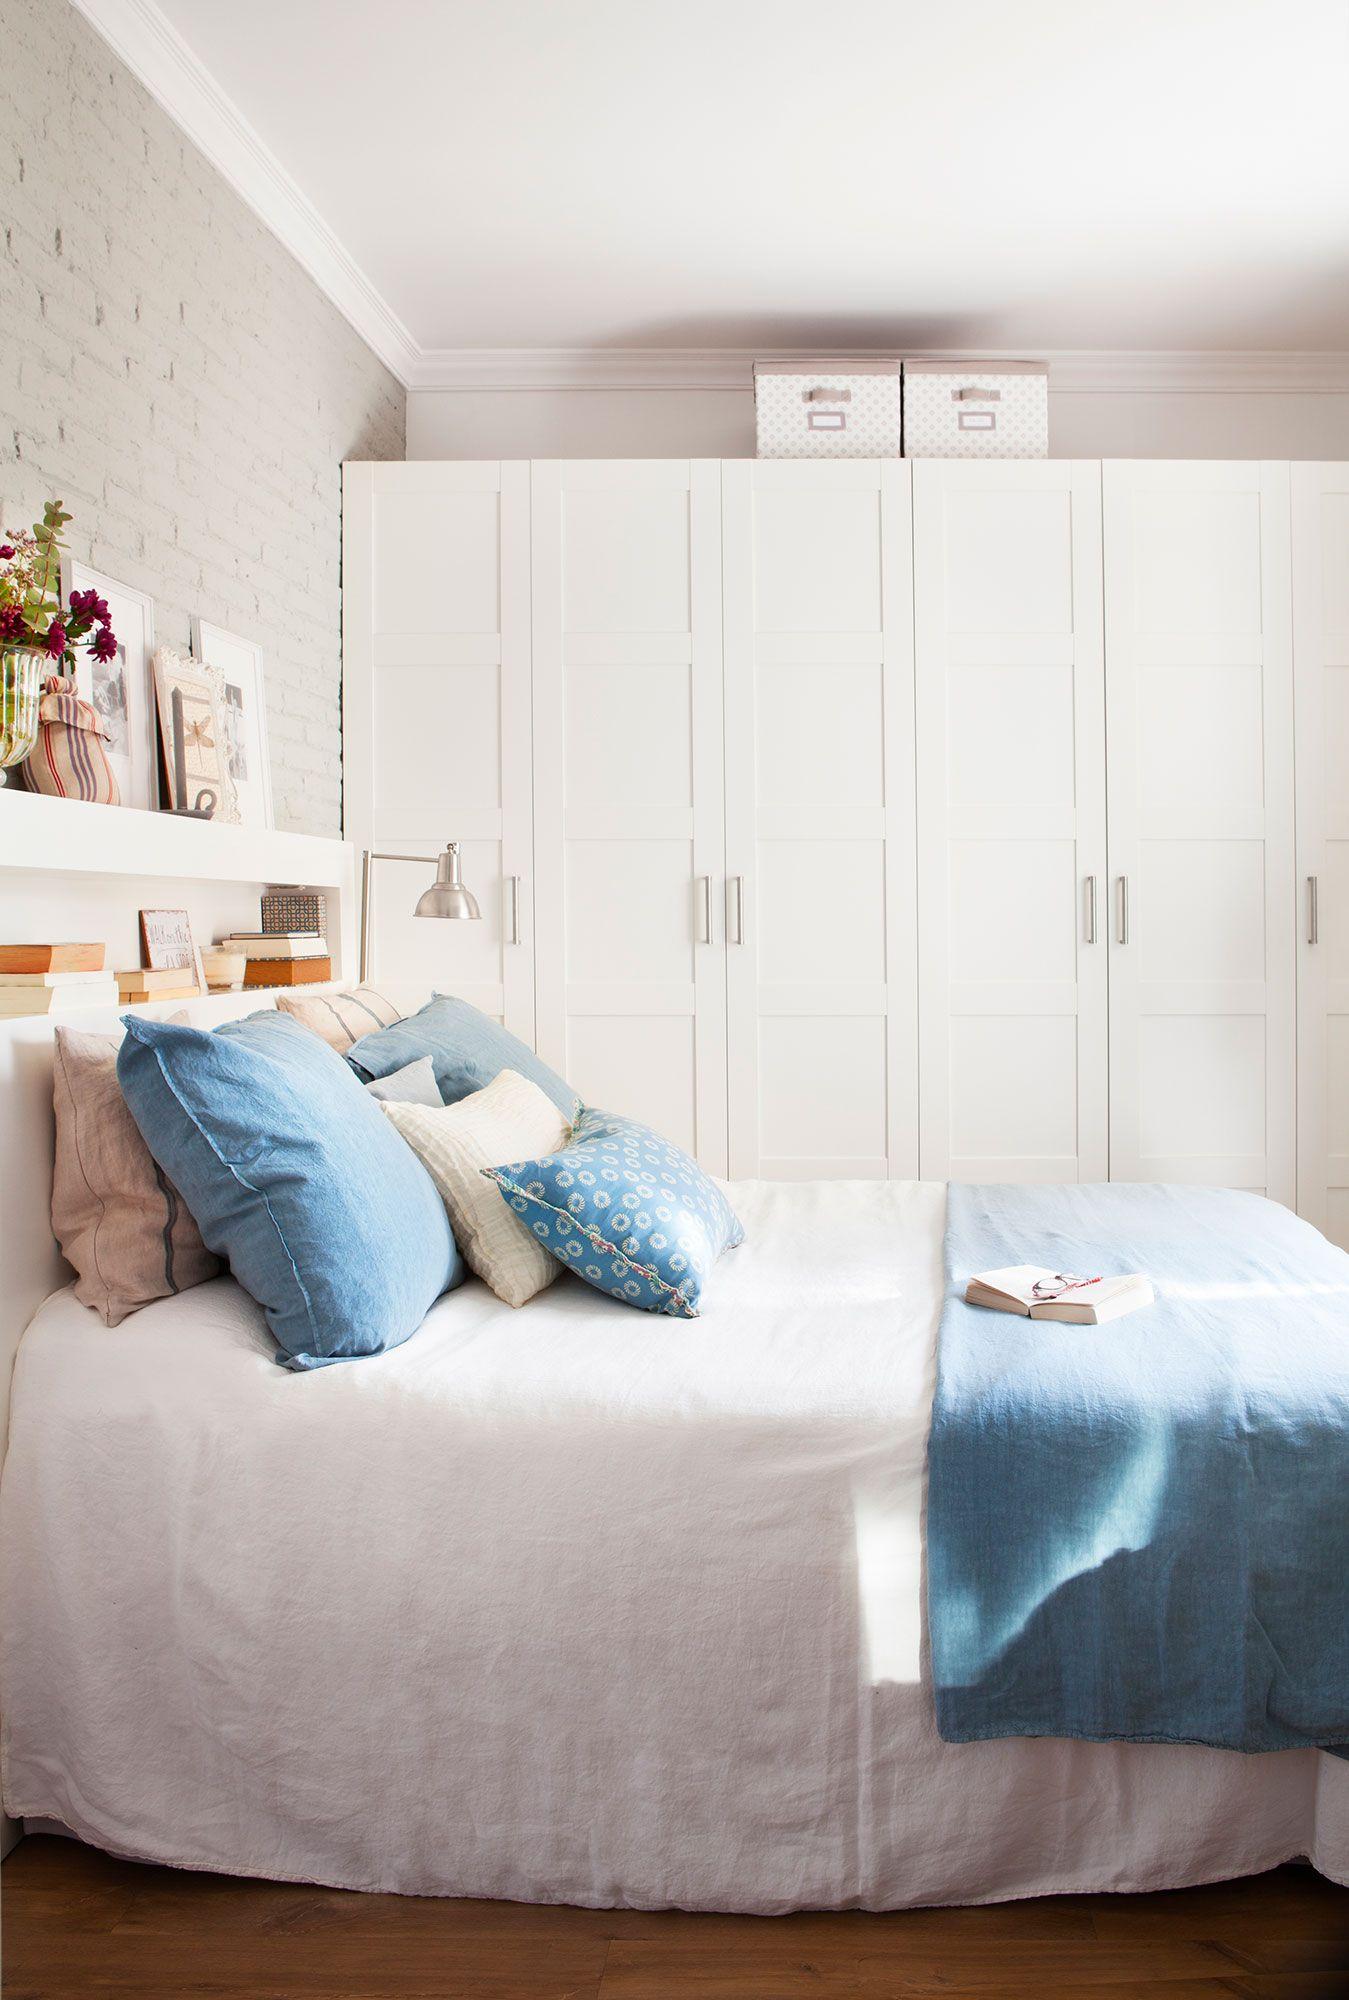 Tu dormitorio tu color en 2019 dormitorios armario - Armario para habitacion ...